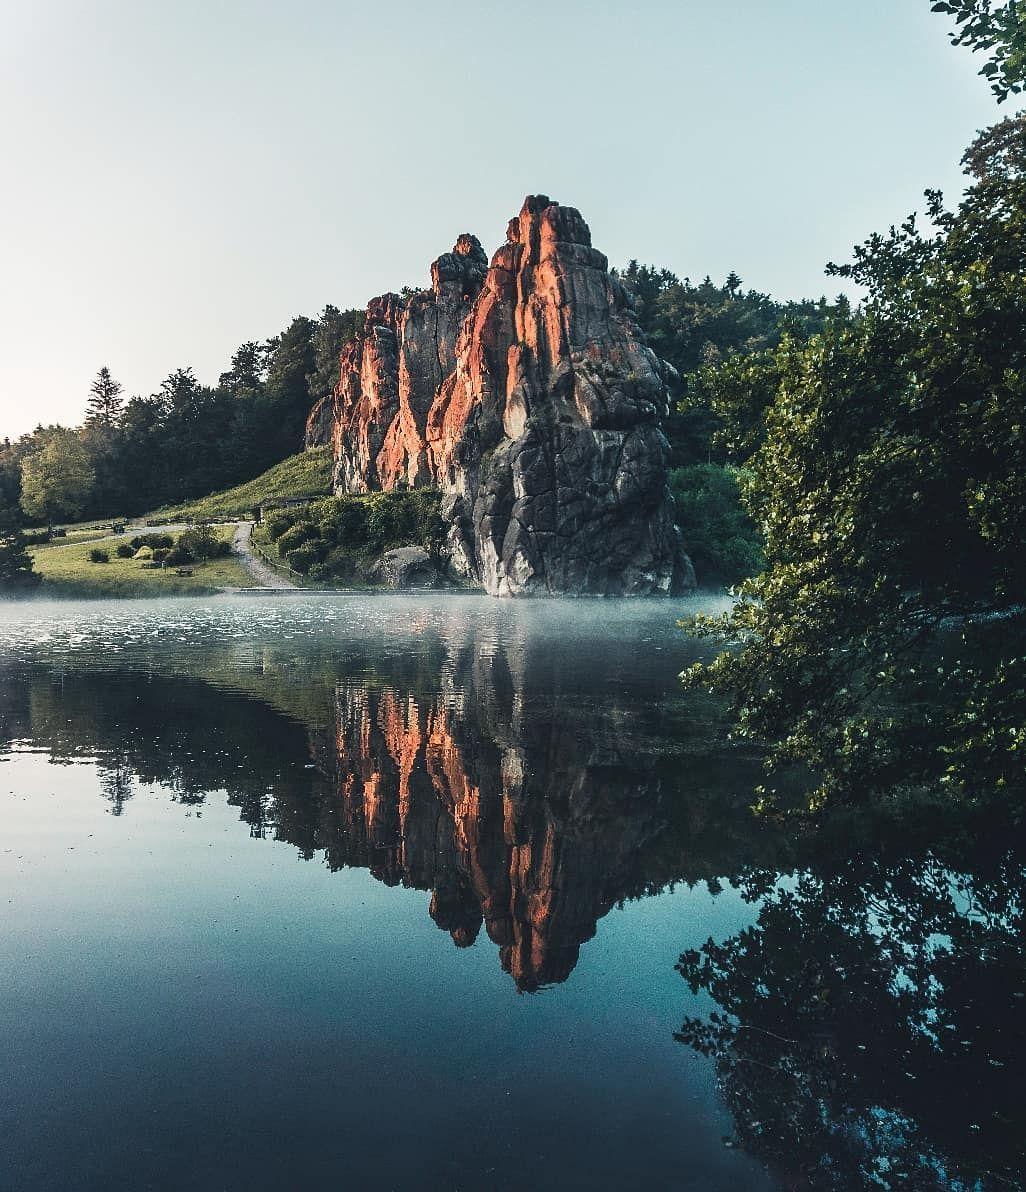 Die 21 spektakulärsten Naturwunder Deutschlands #naturallandmarks